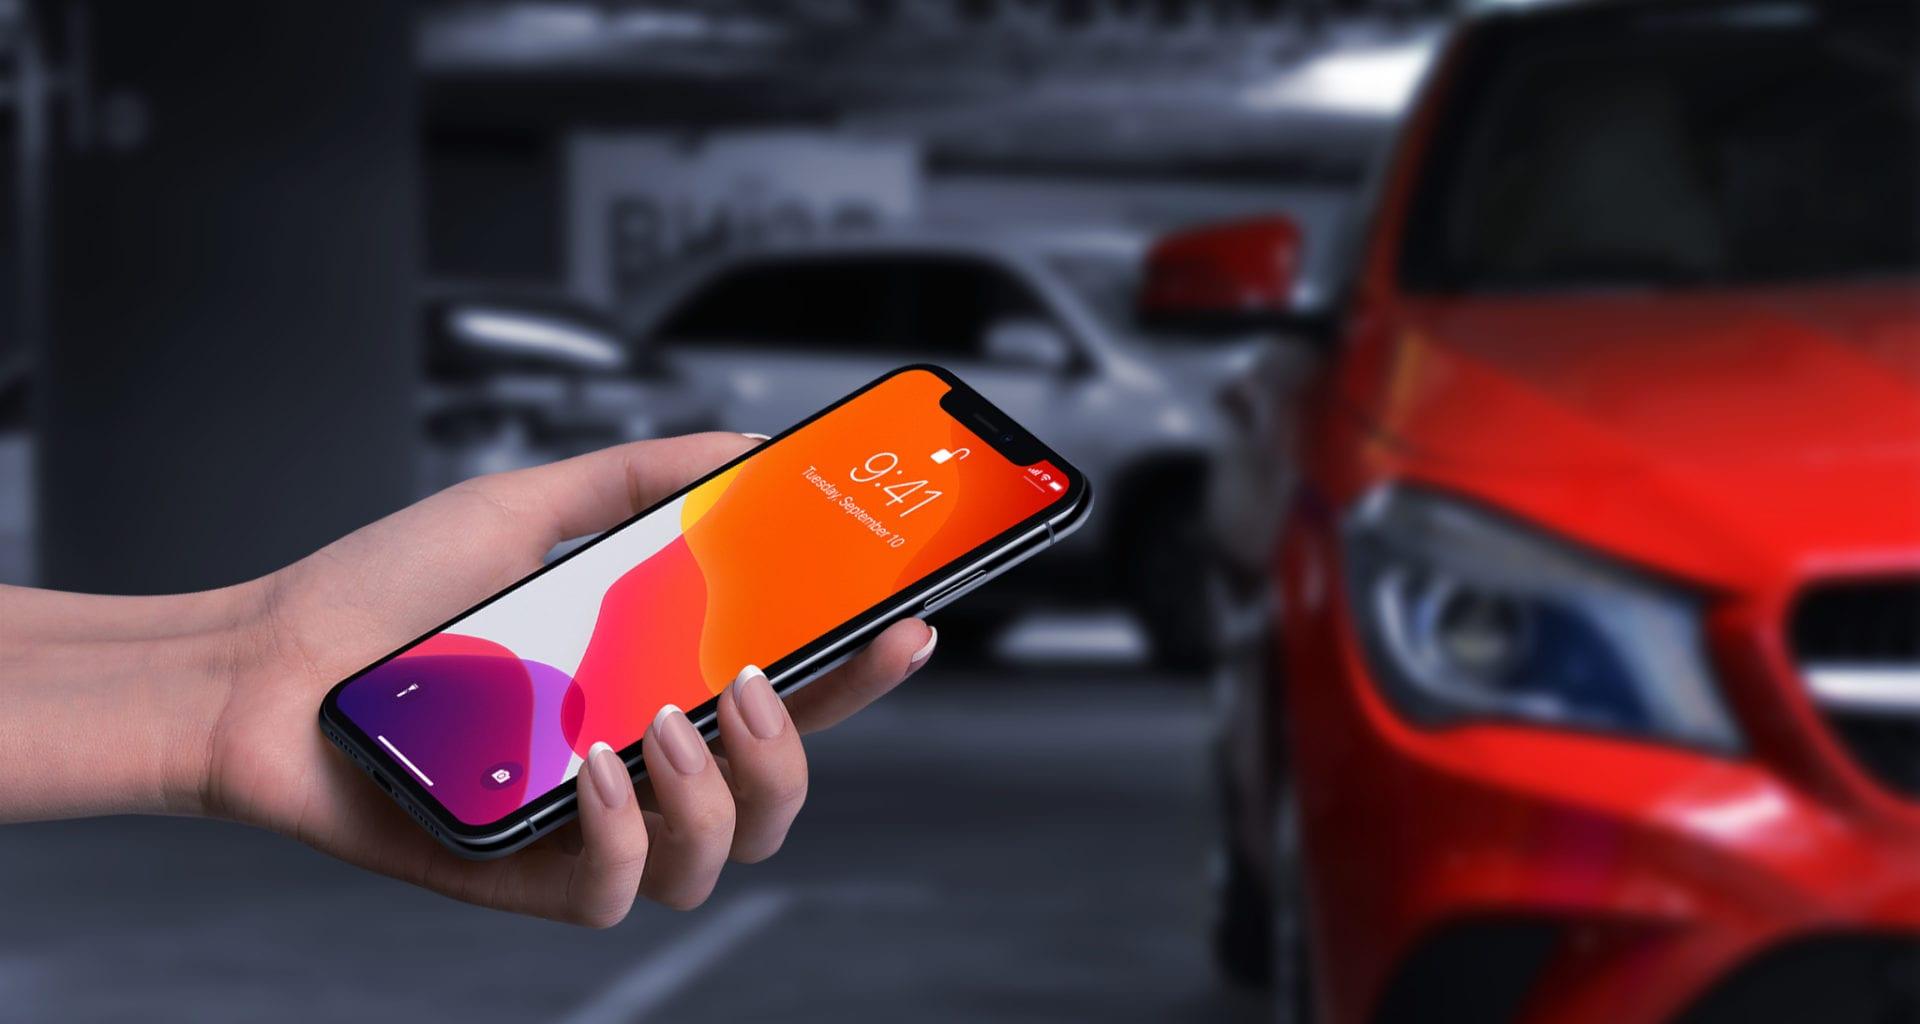 cover macblog 10 1920x1024 - Naštartujte motory! Nový iOS ponúkne obsluhu vozidla cez iPhone a Apple Watch